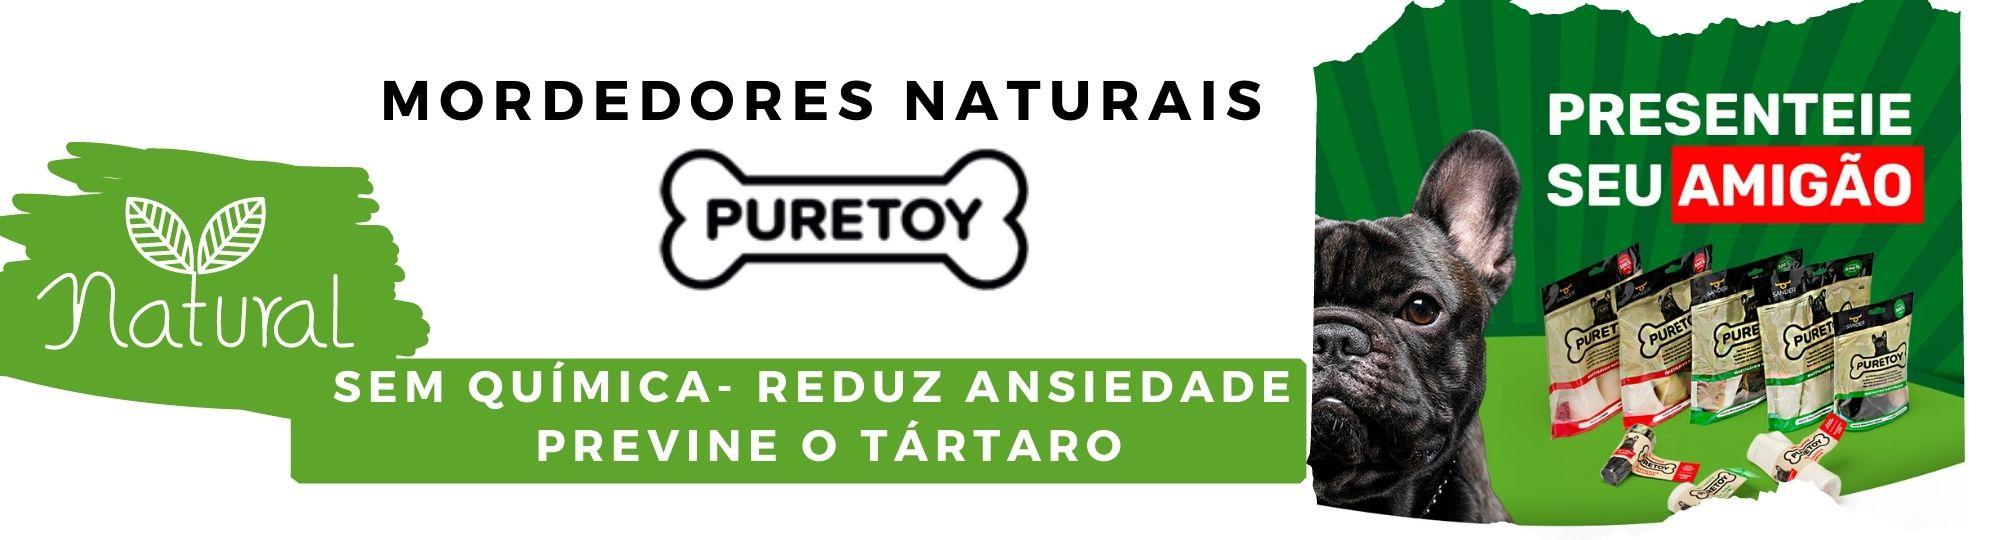 mordedores naturais